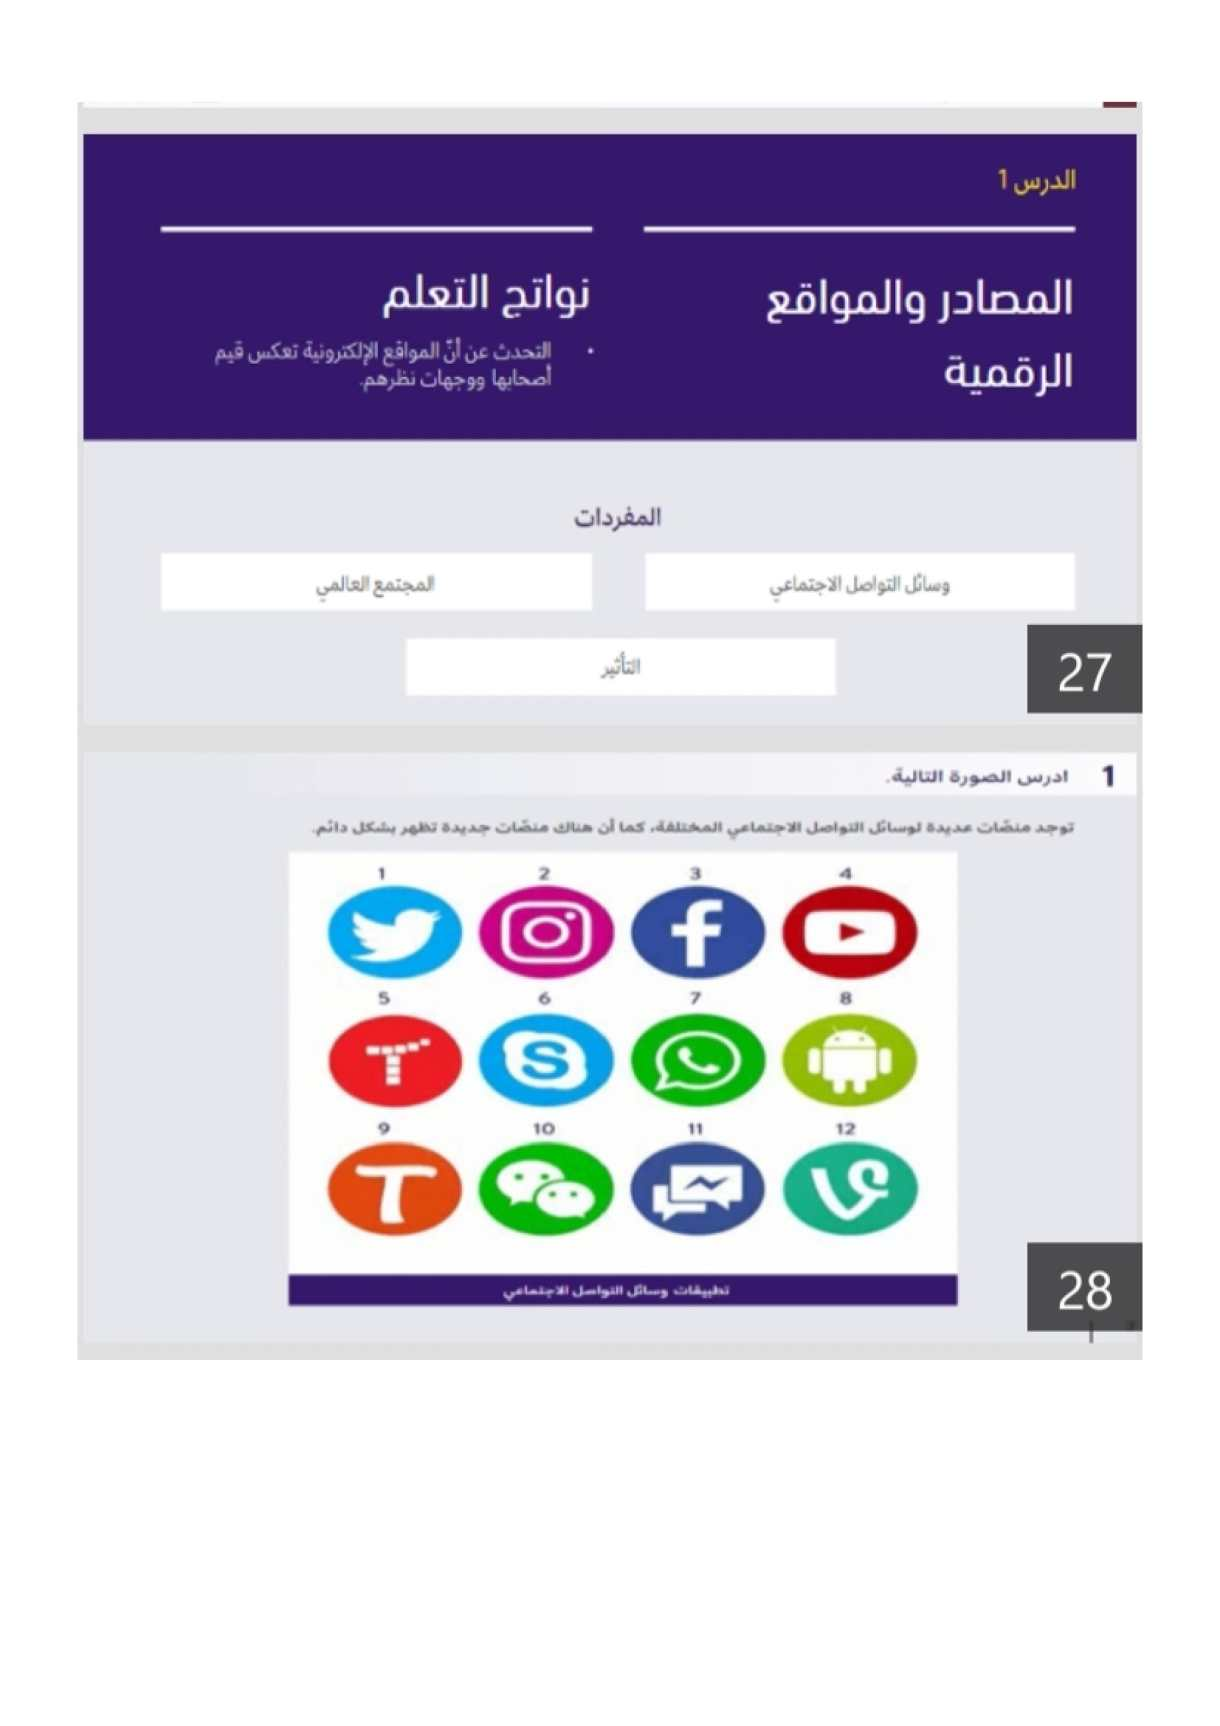 درس المصادر والمواقع الرقمية مع الاجابات تربية أخلاقية